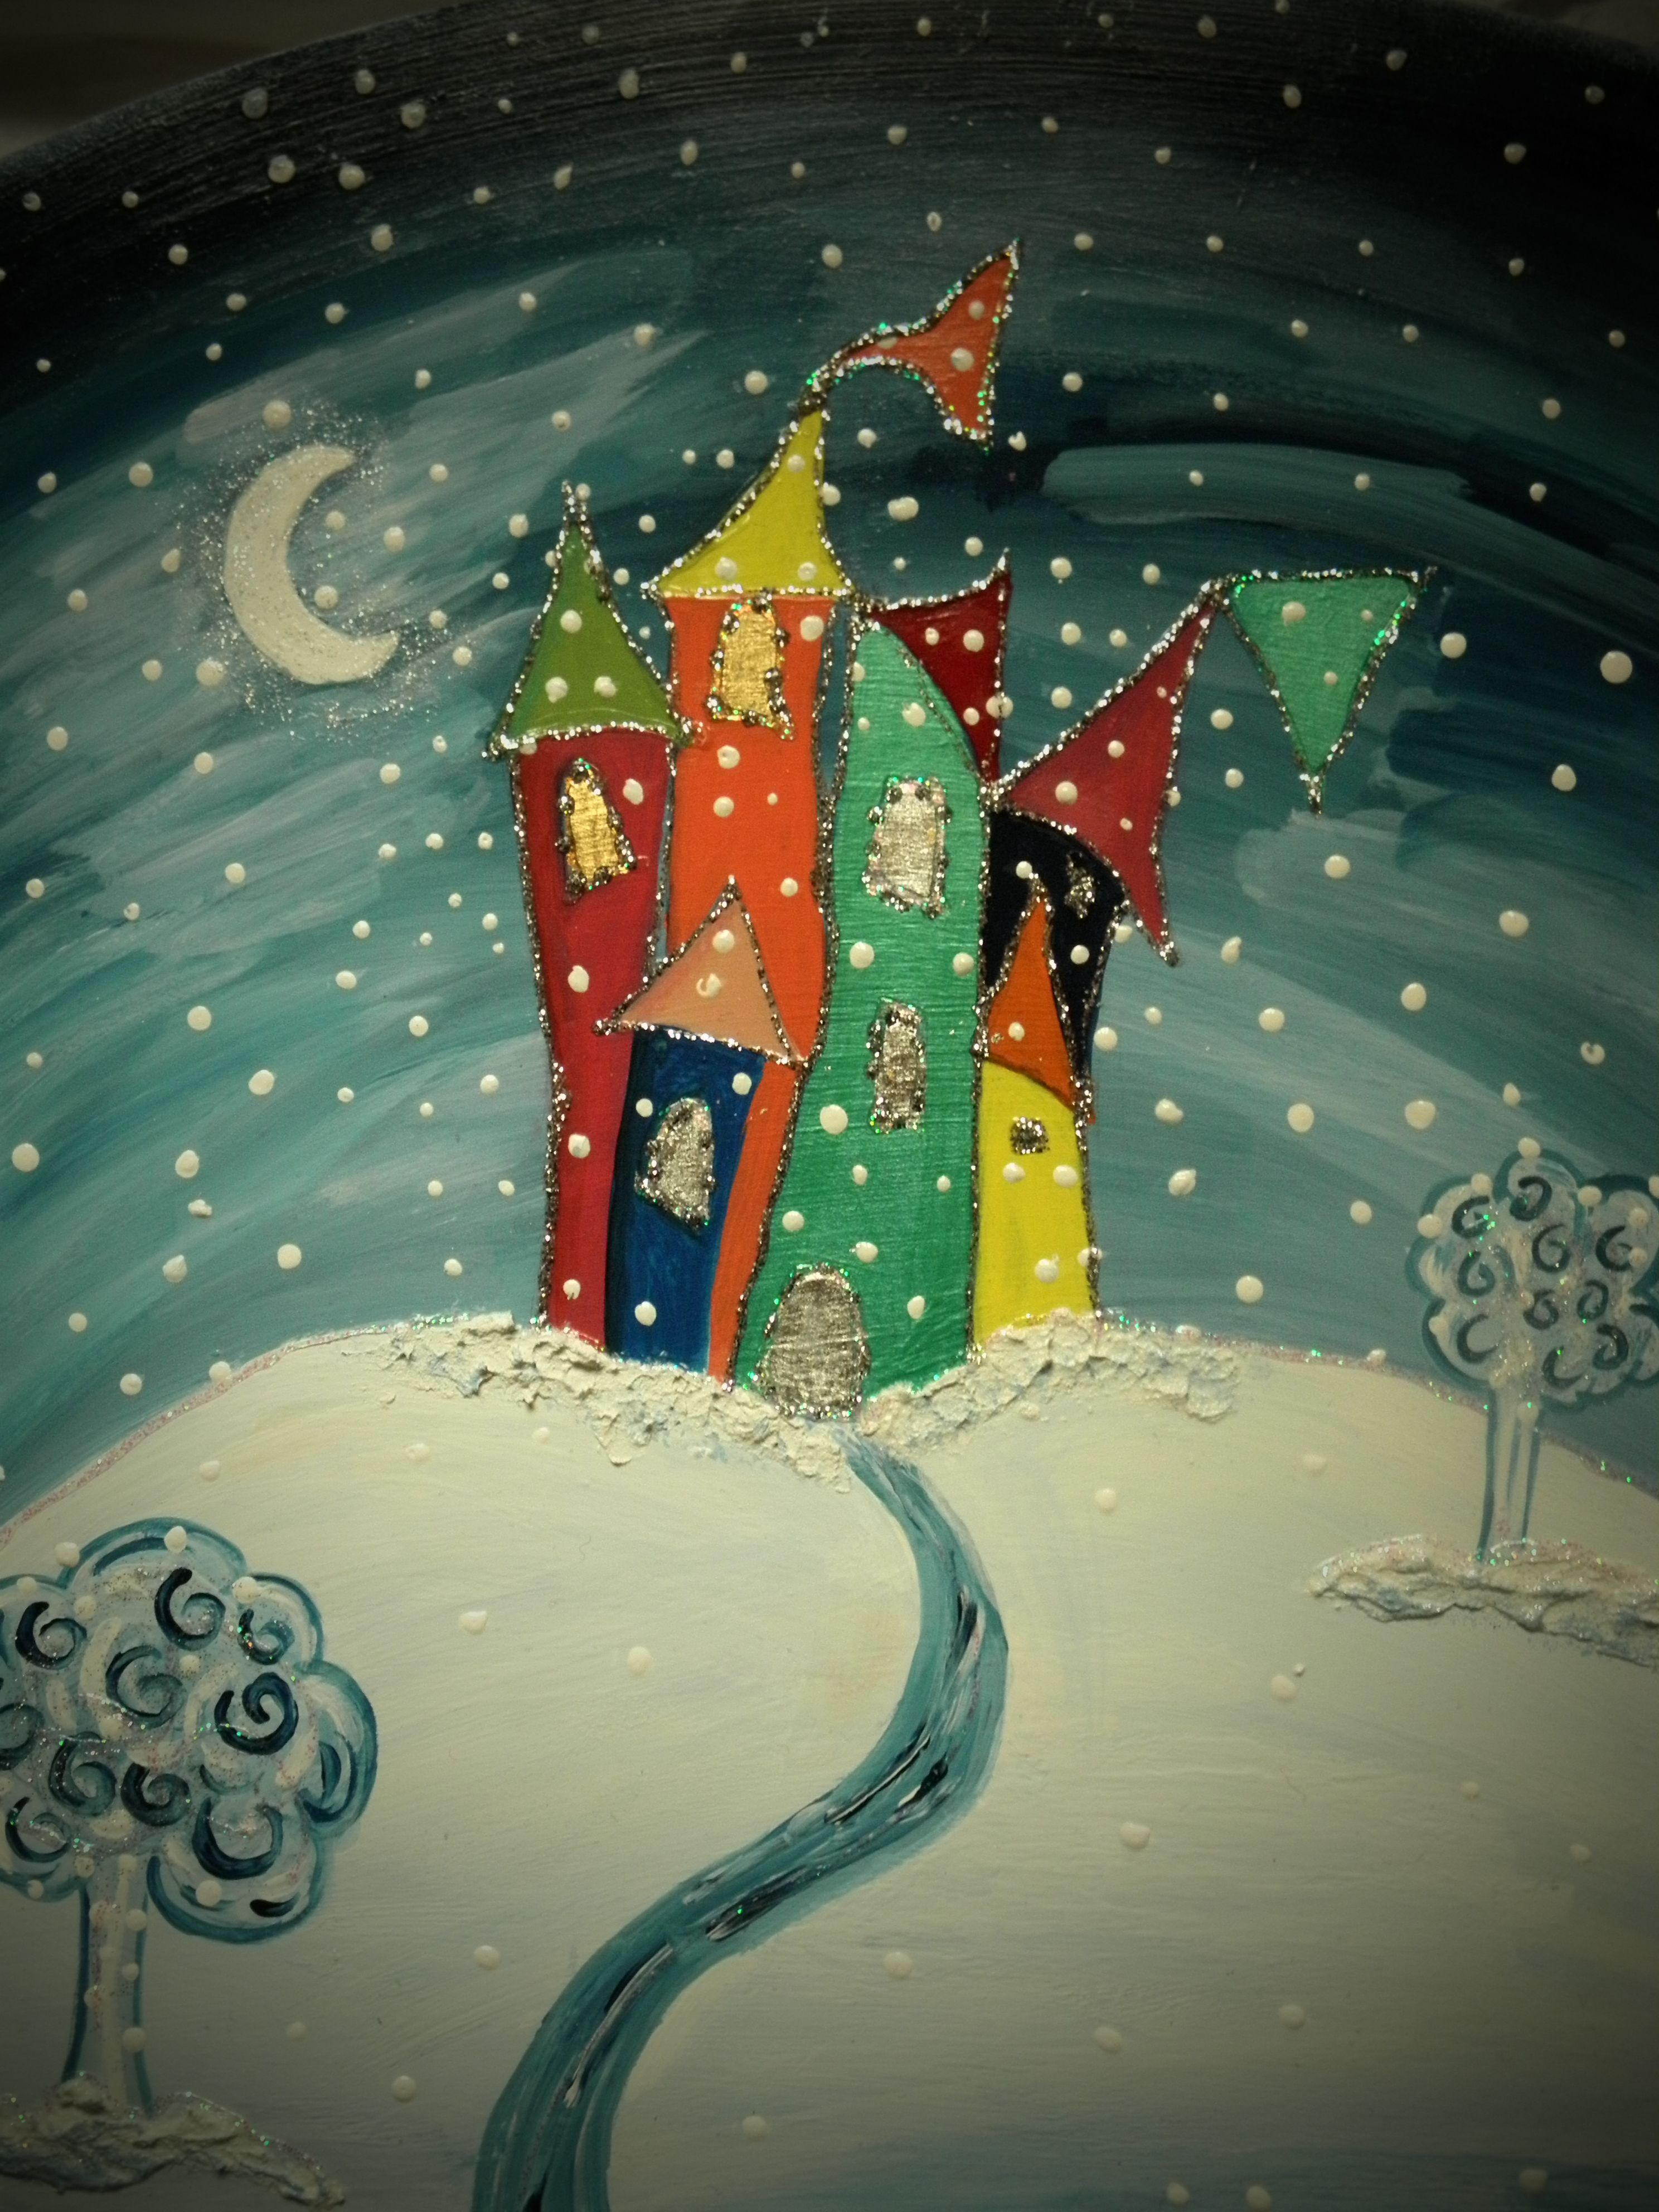 Un mio quadro naif:la luna sul castello